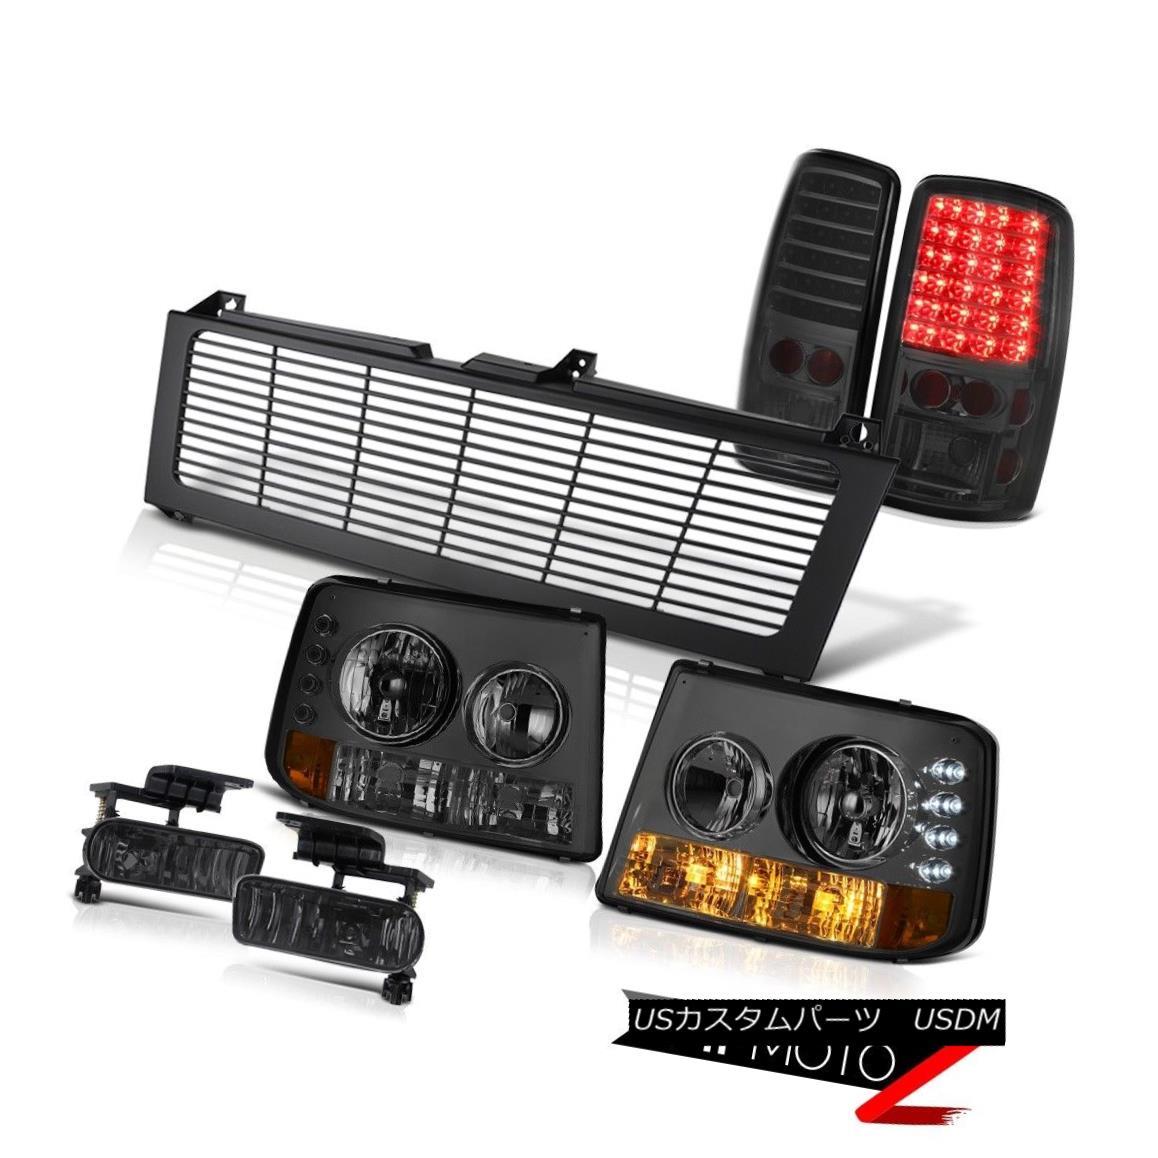 テールライト 00 01 02 03 05 06 Suburban Bumper+Headlight LED Taillamp Bumper Fog Black Grille 00 01 02 03 05 06郊外バンパー+ヘッドリッグ ht LED Taillampバンパーフォグブラックグリル